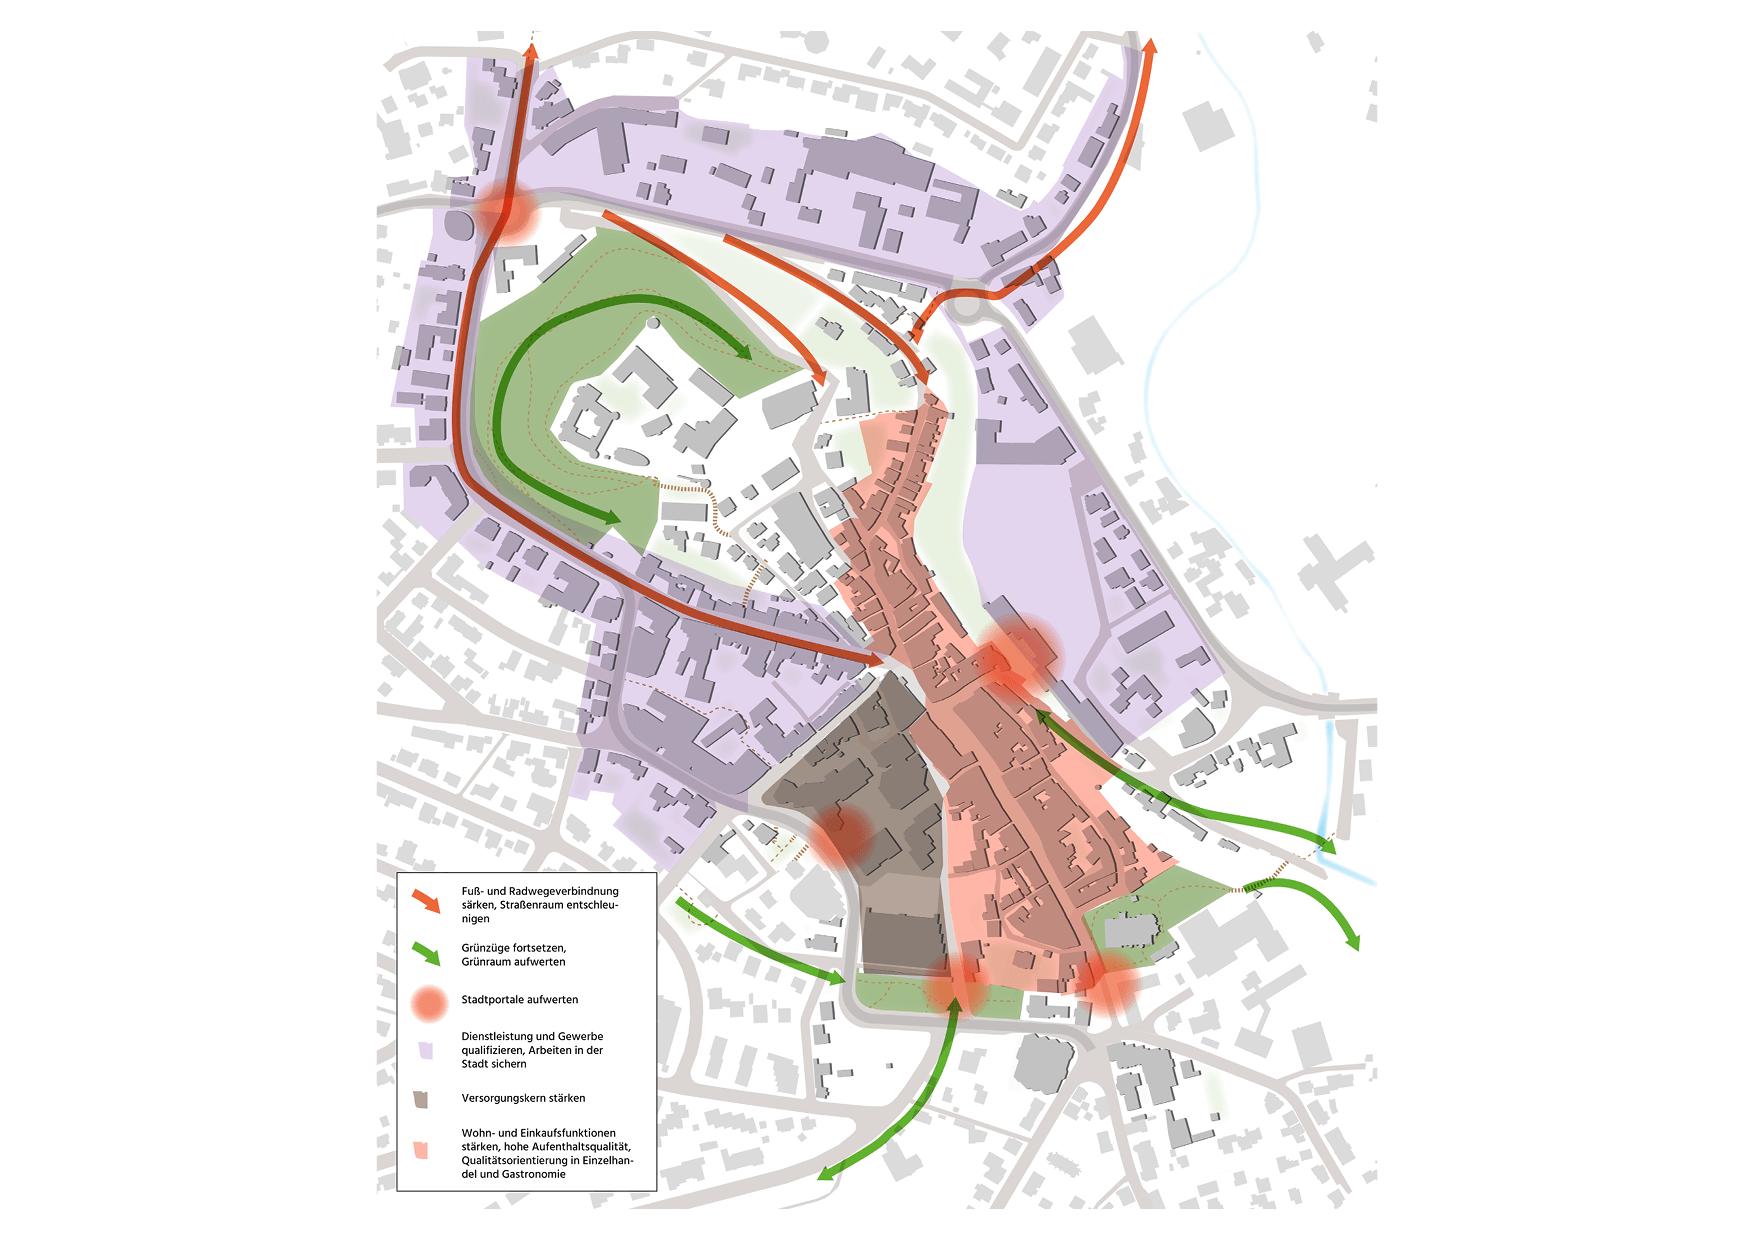 Montabaur Integriertes Städtebauliches Entwicklungskonzept ISEK räumliches Leitbild Innenstadtentwicklung Planung Konzept